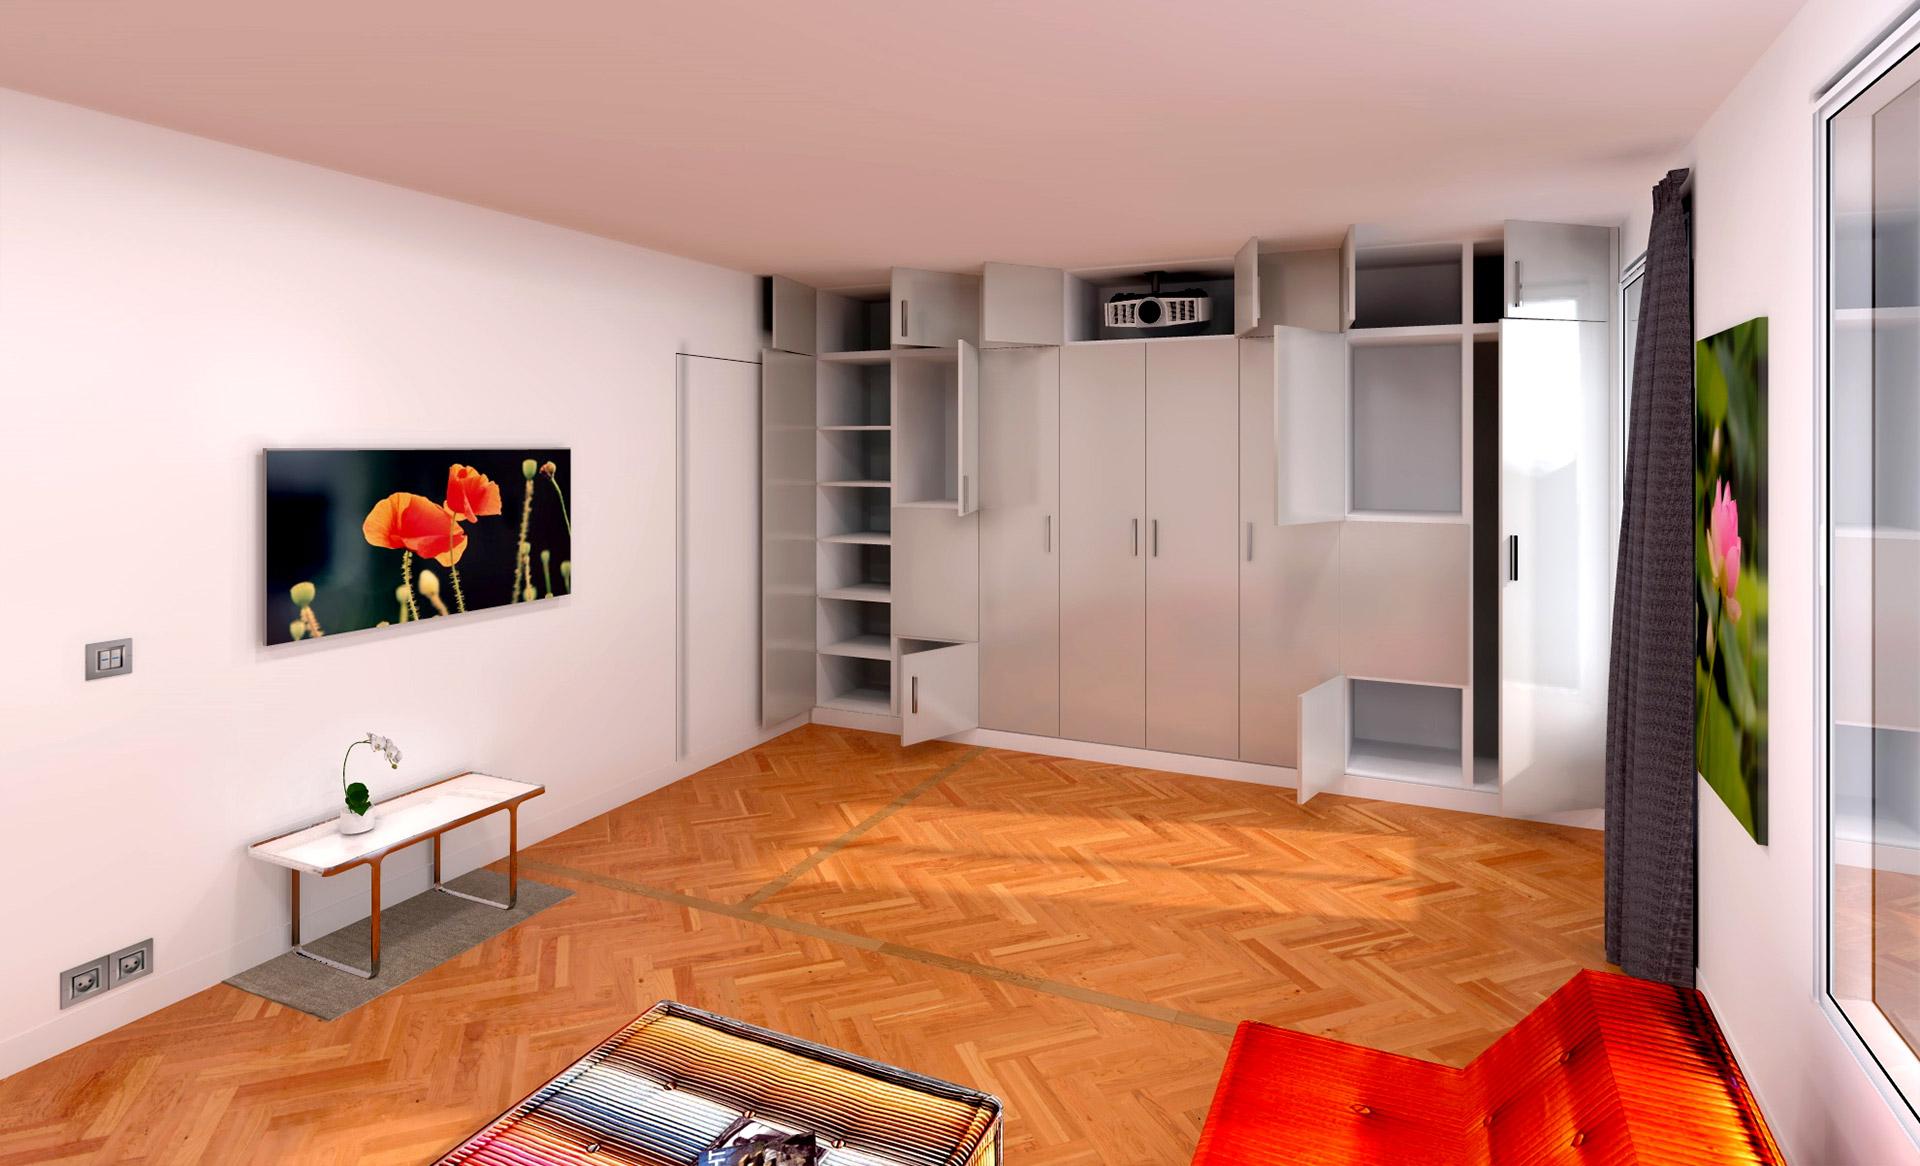 Duplex Avec Suite Parentale Zen Transformable Salle Cinma